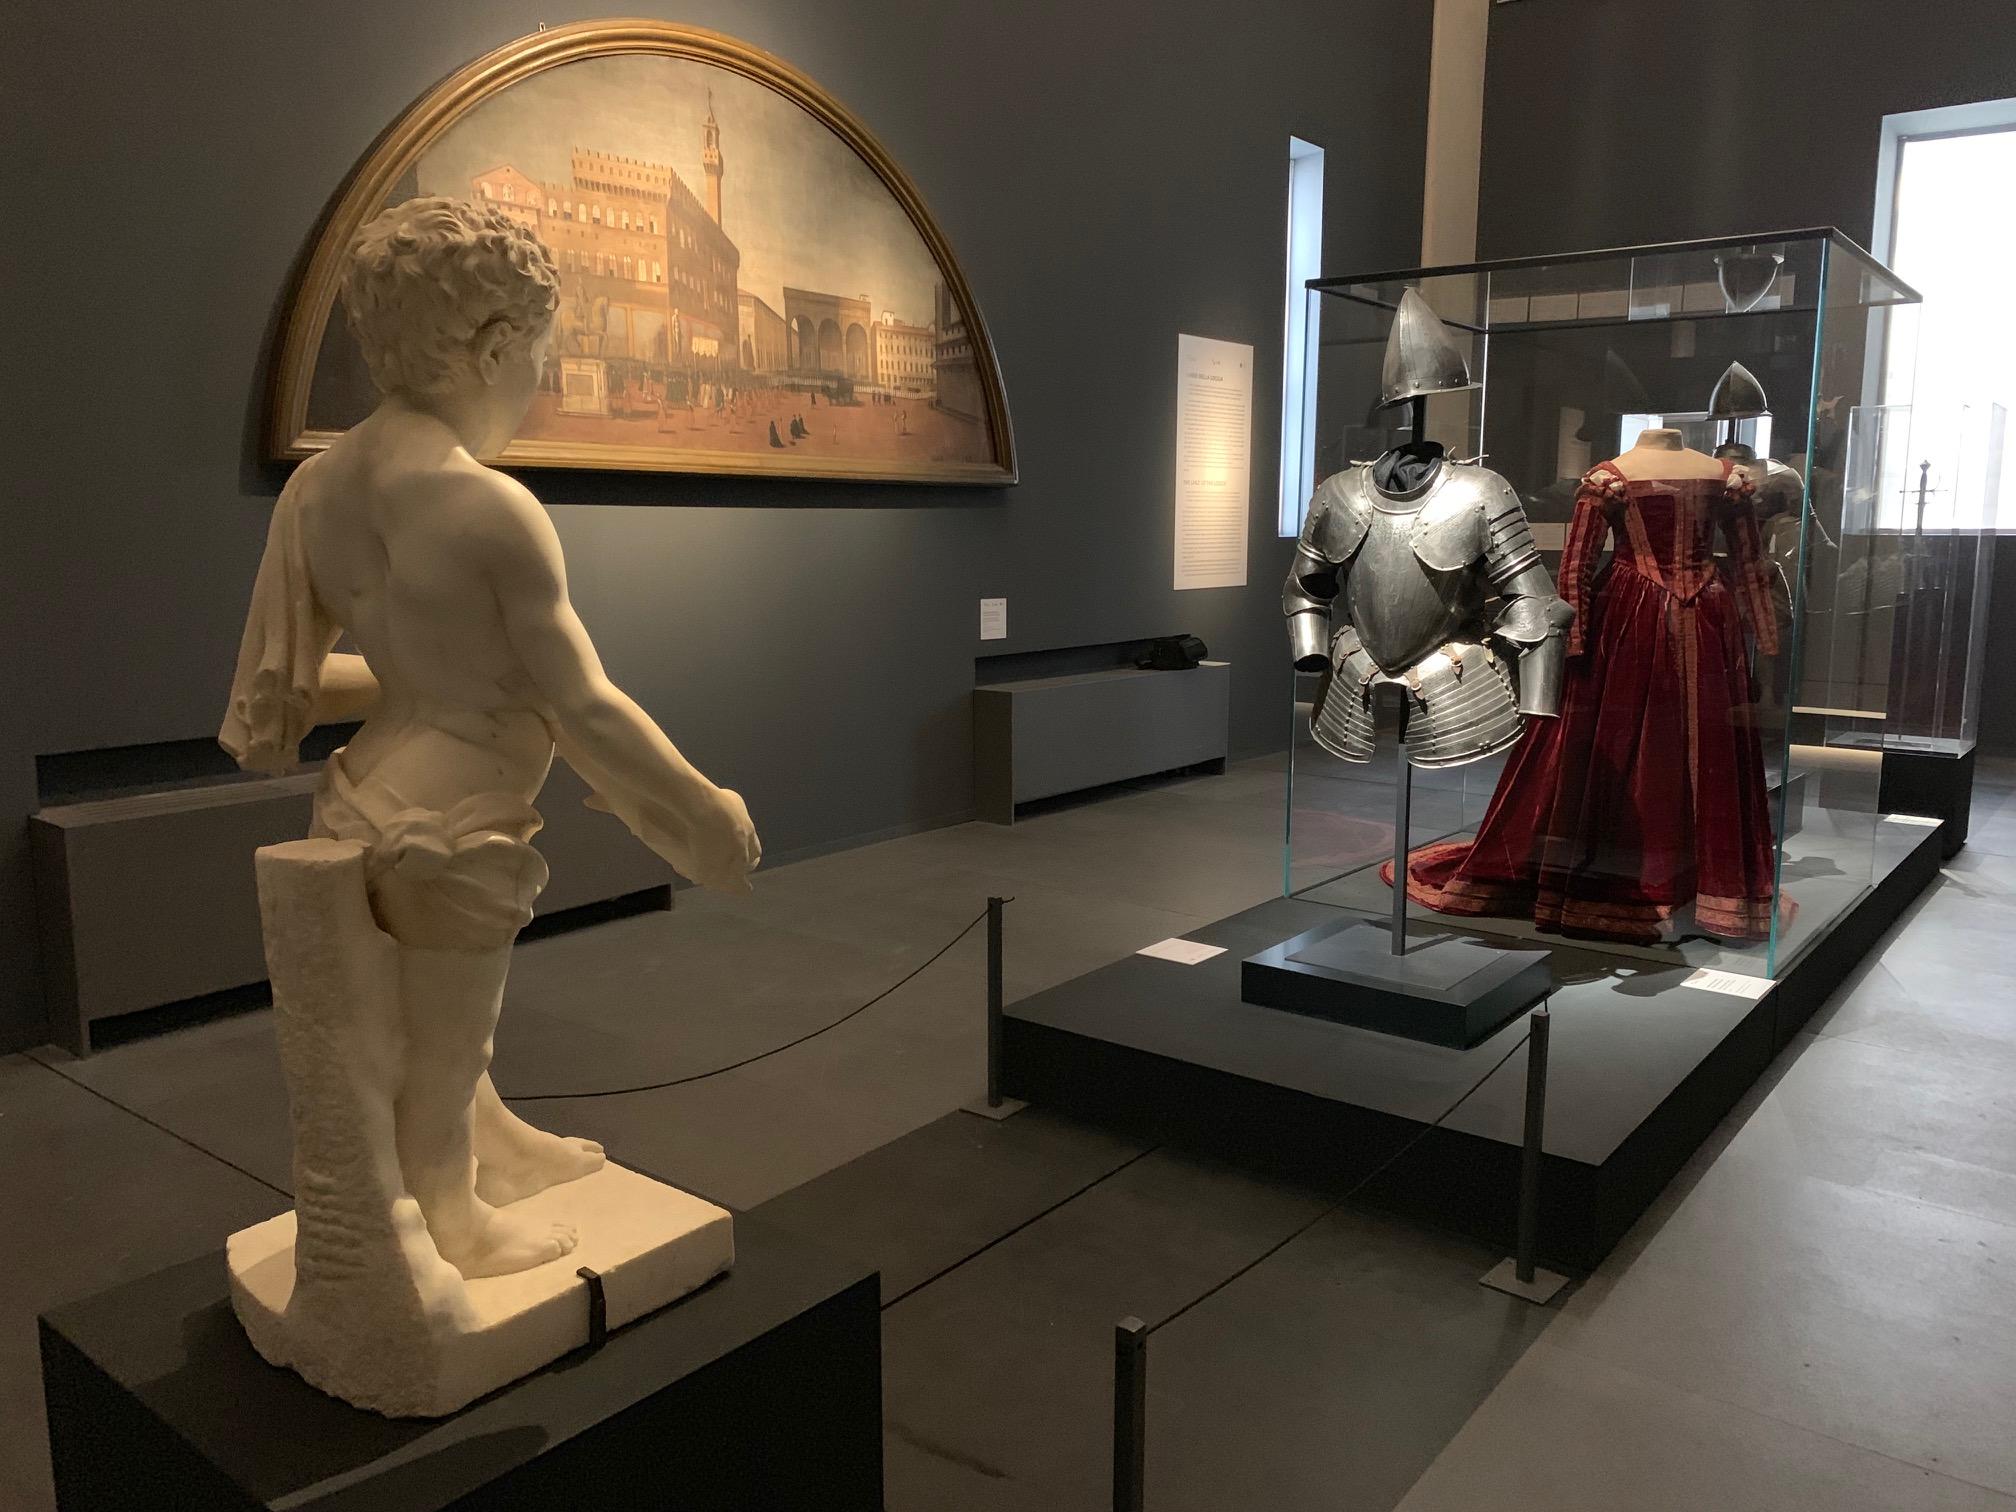 Uffizi, l'omaggio a Cosimo I comincia con la mostra sui cento lanzi del principe